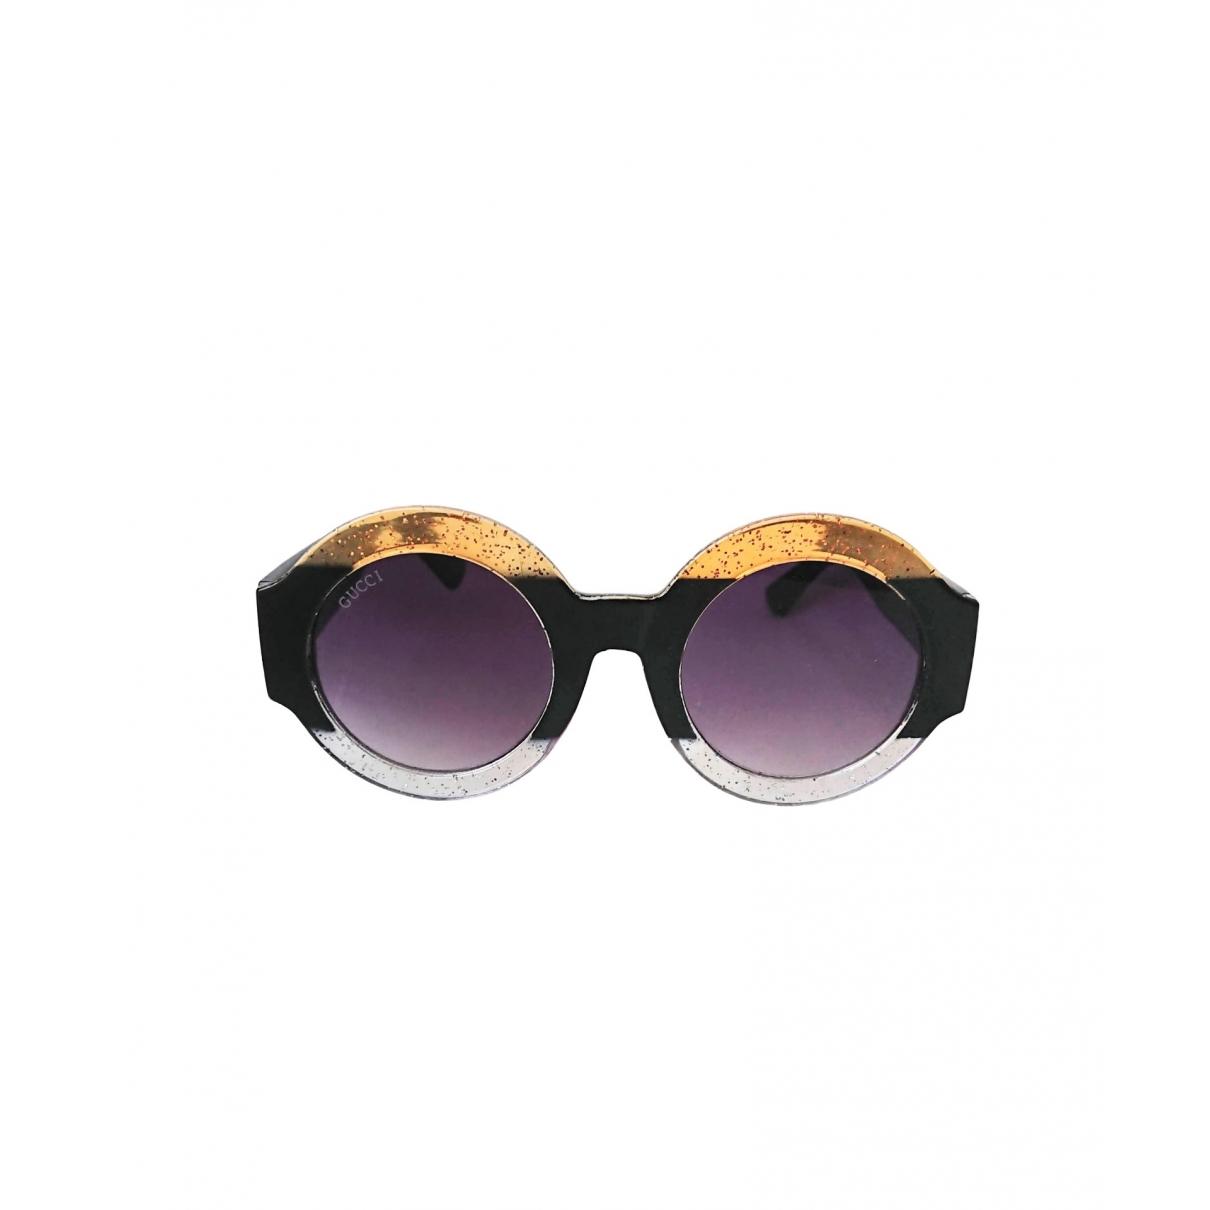 Gucci - Lunettes   pour femme - multicolore